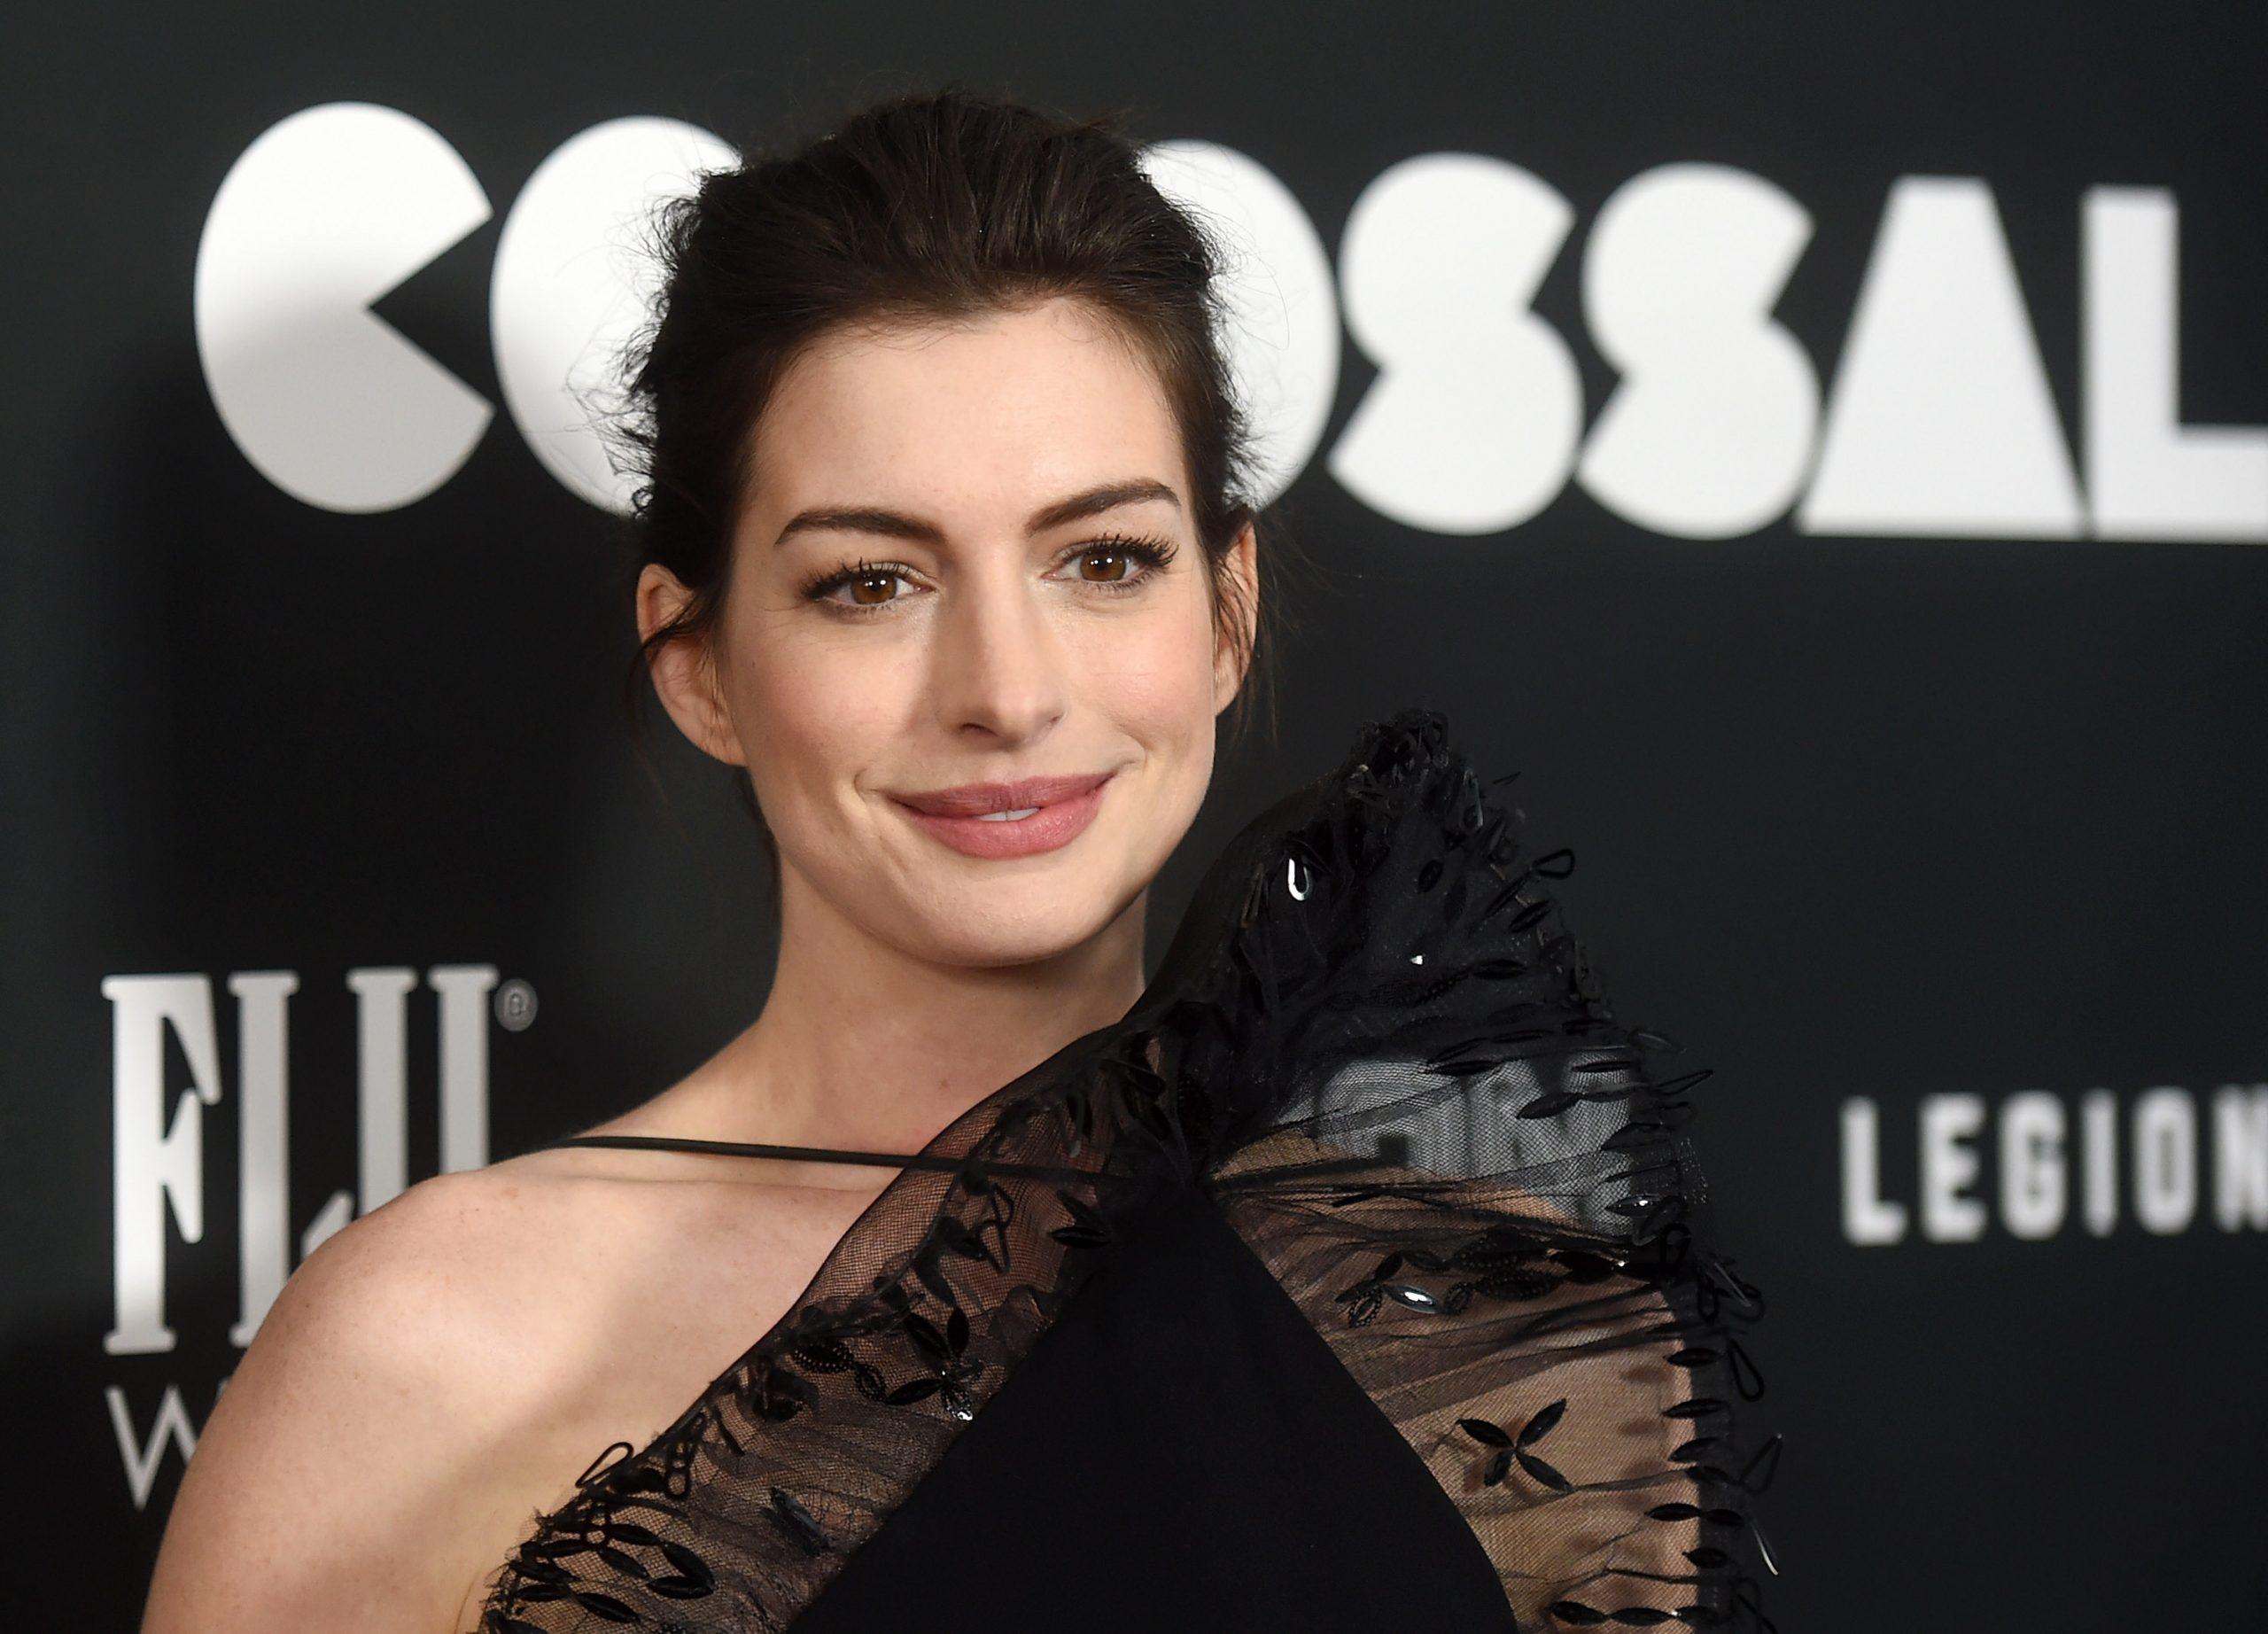 un gros plan de l'actrice Anne Hathaway